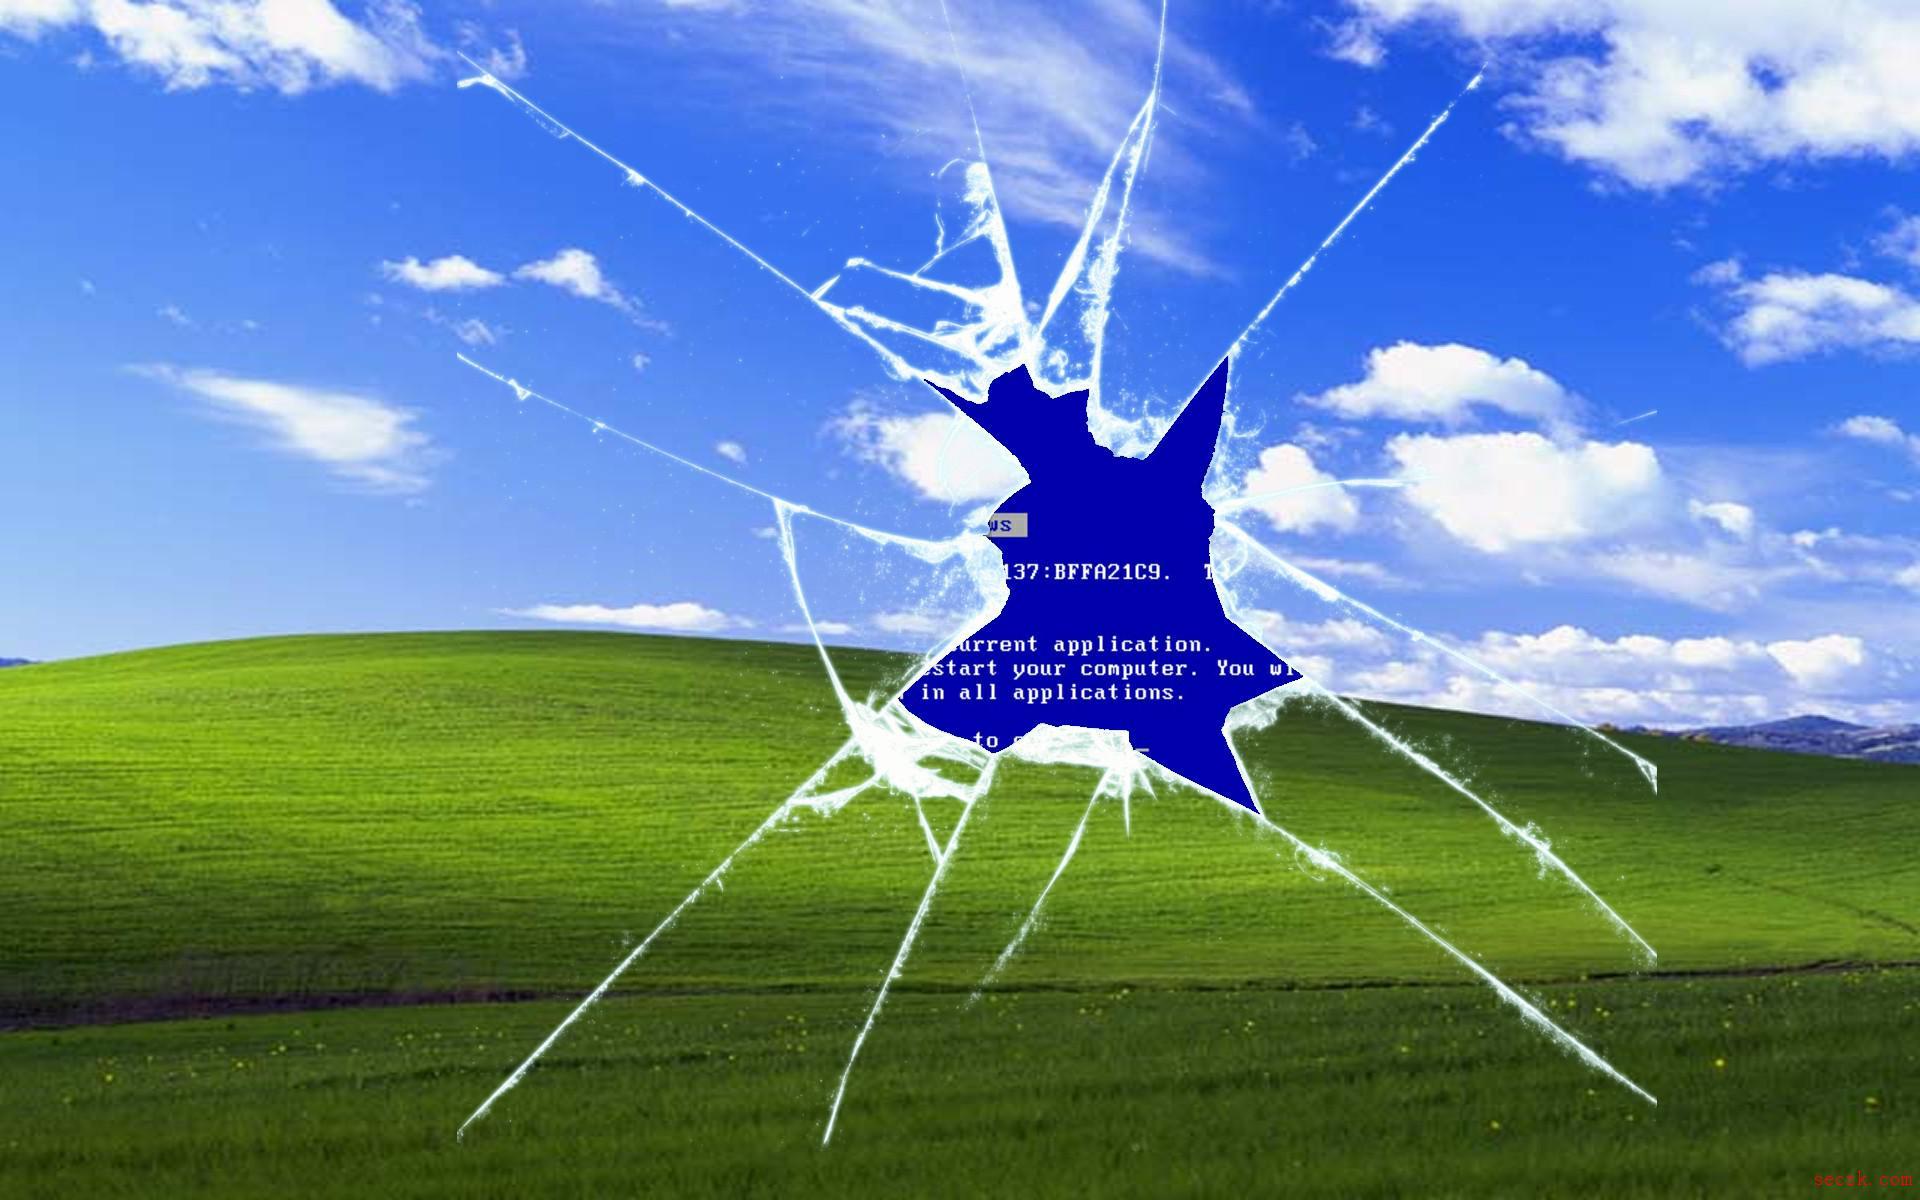 在承包商未支付赎金后勒索软件攻击者泄露波音等公司的机密文件